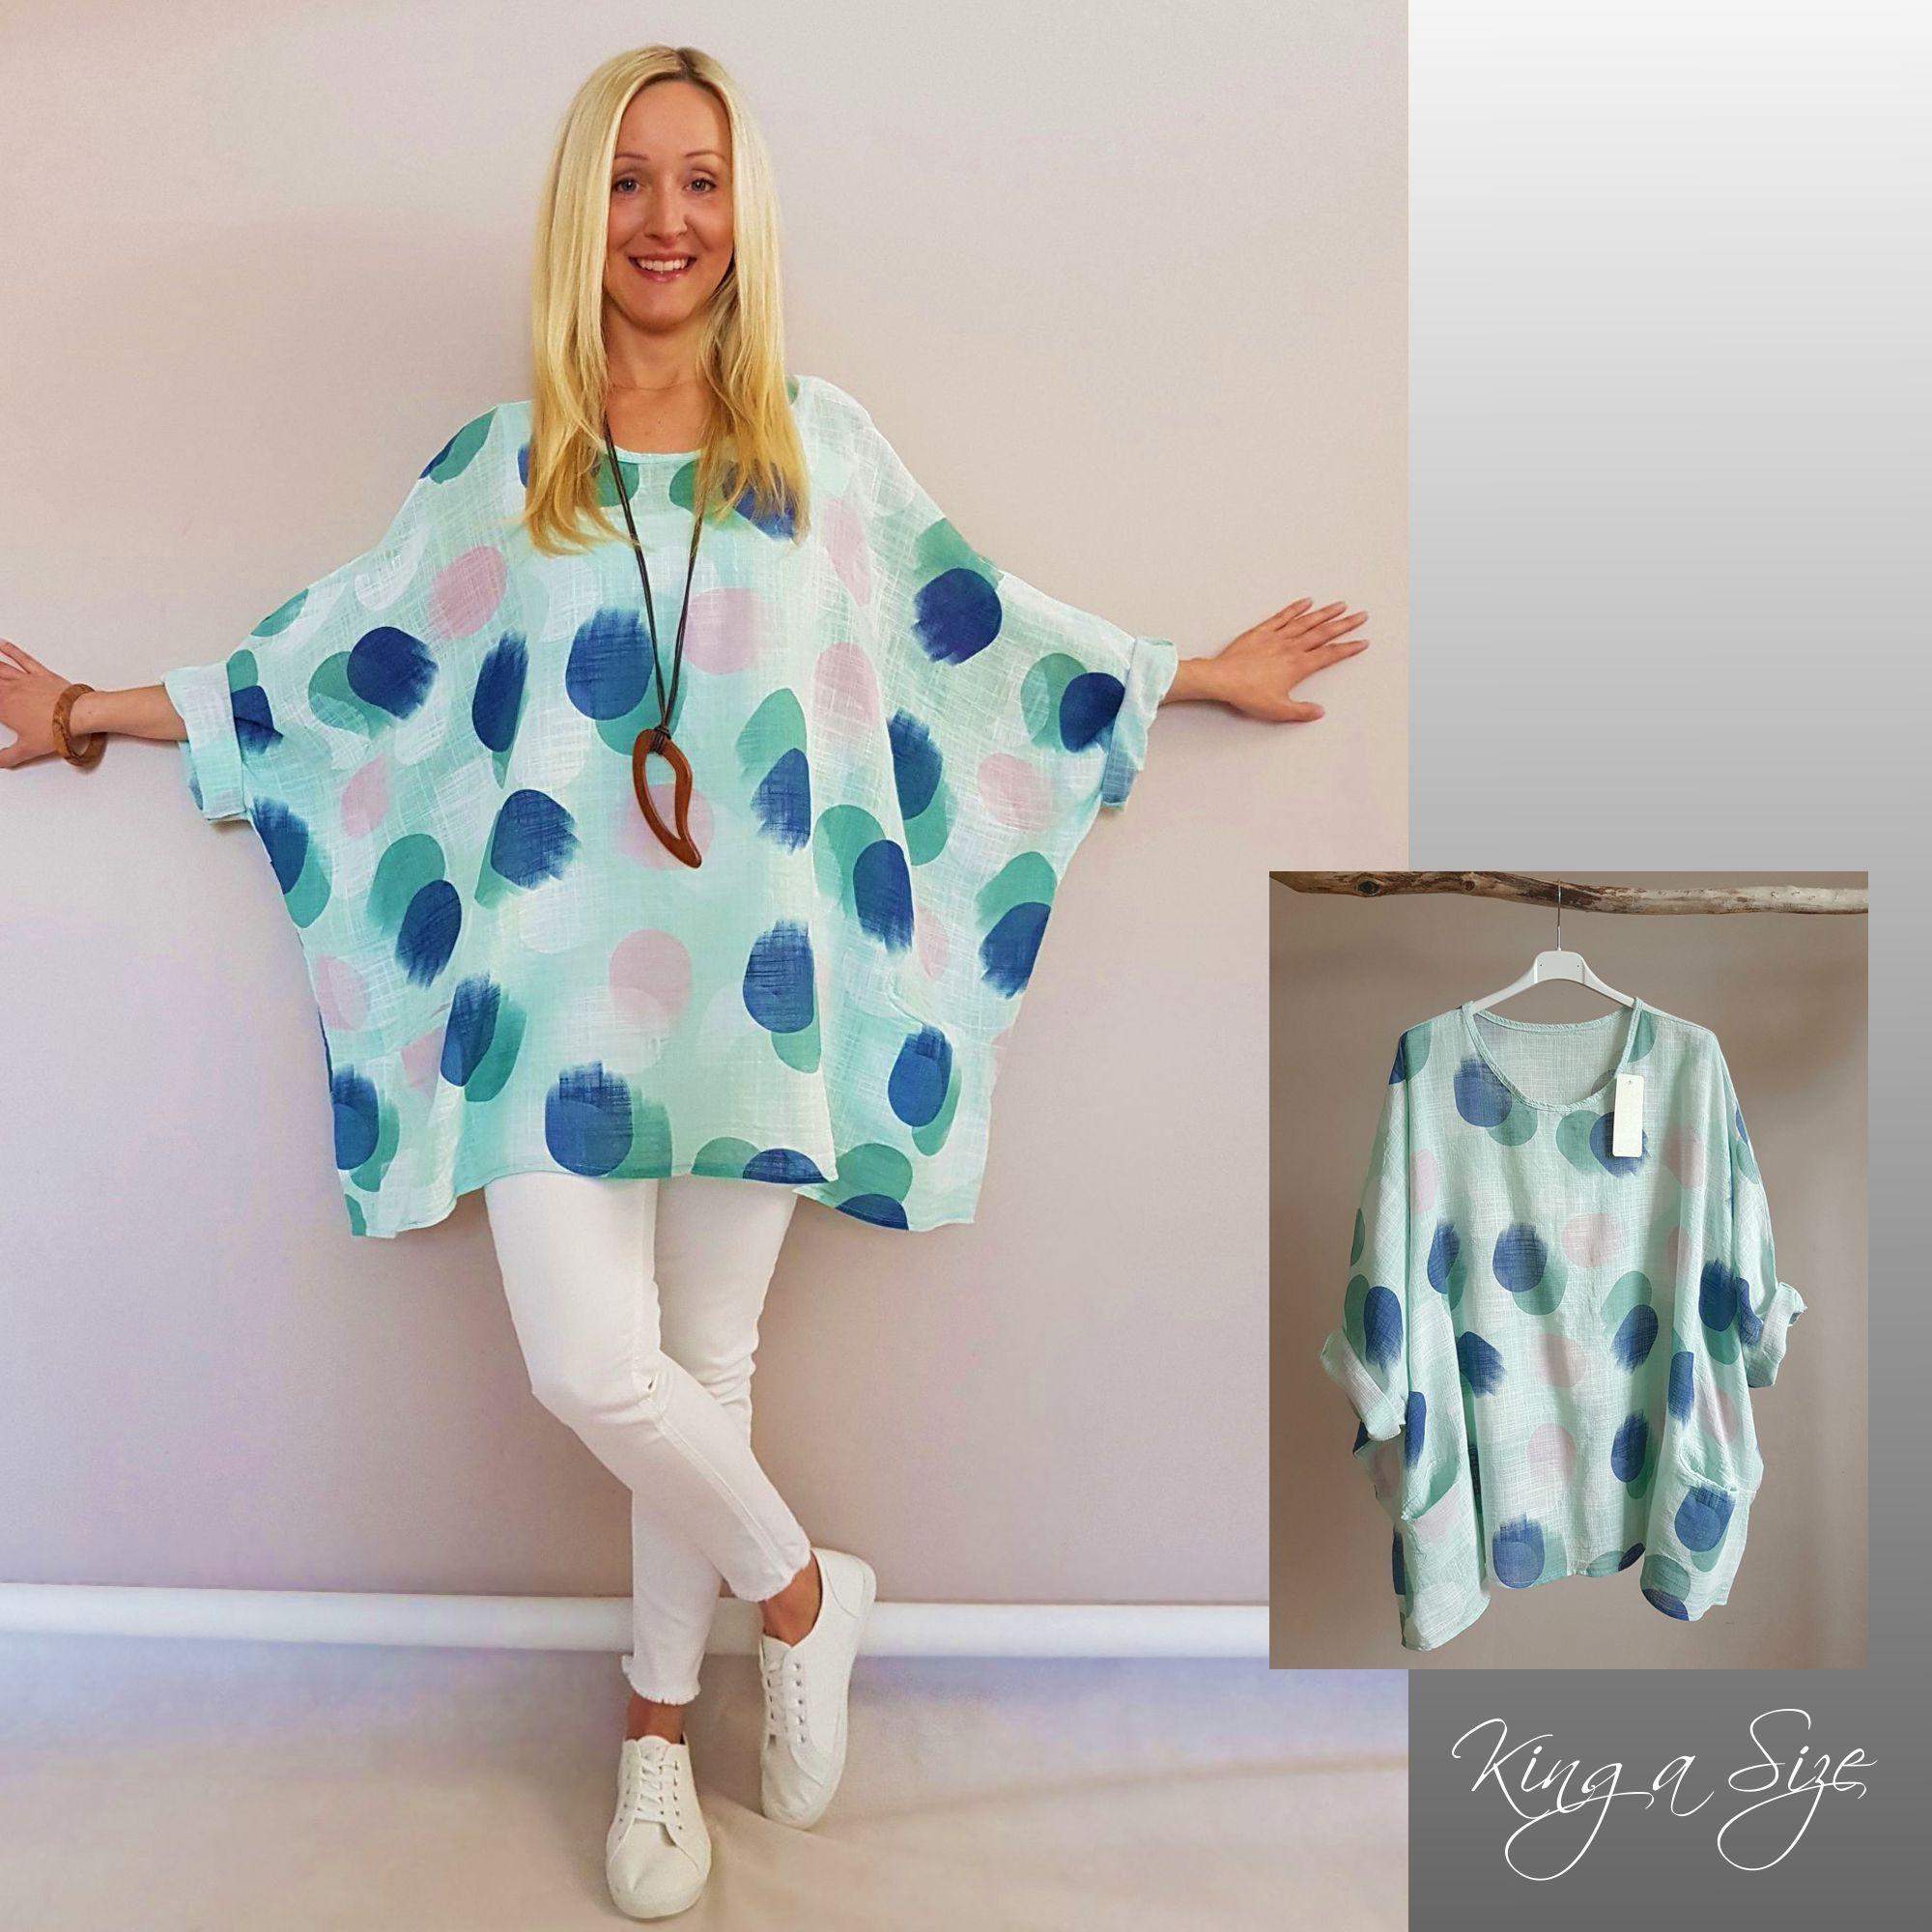 Damen Lagenlook Oversize Bluse Tunika Überwurf 44 46 48 50  Neu Kette